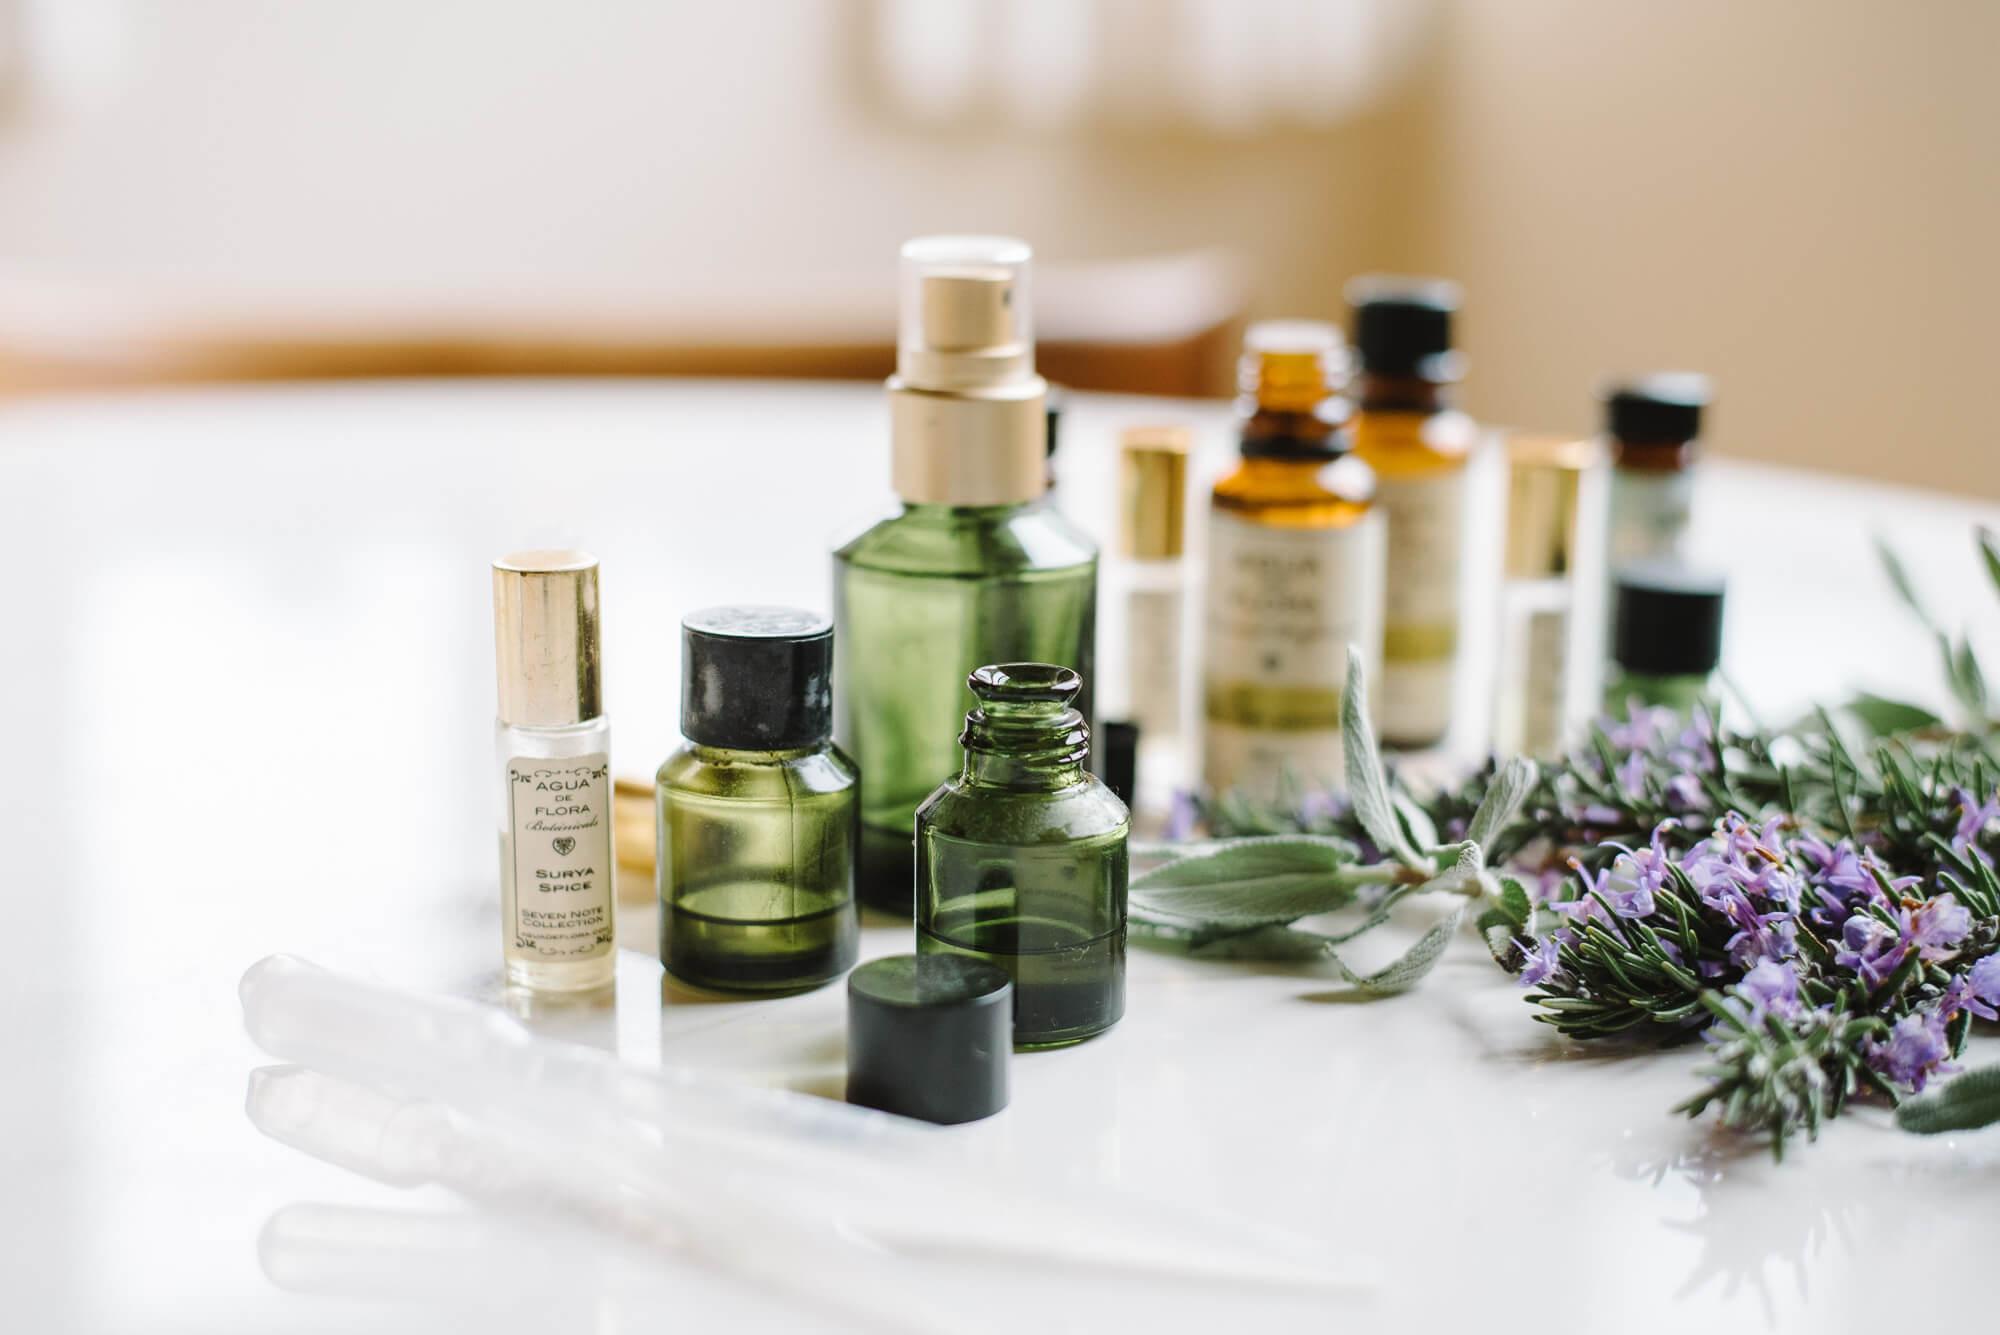 chăm sóc bản thân bằng liệu pháp mùi hương